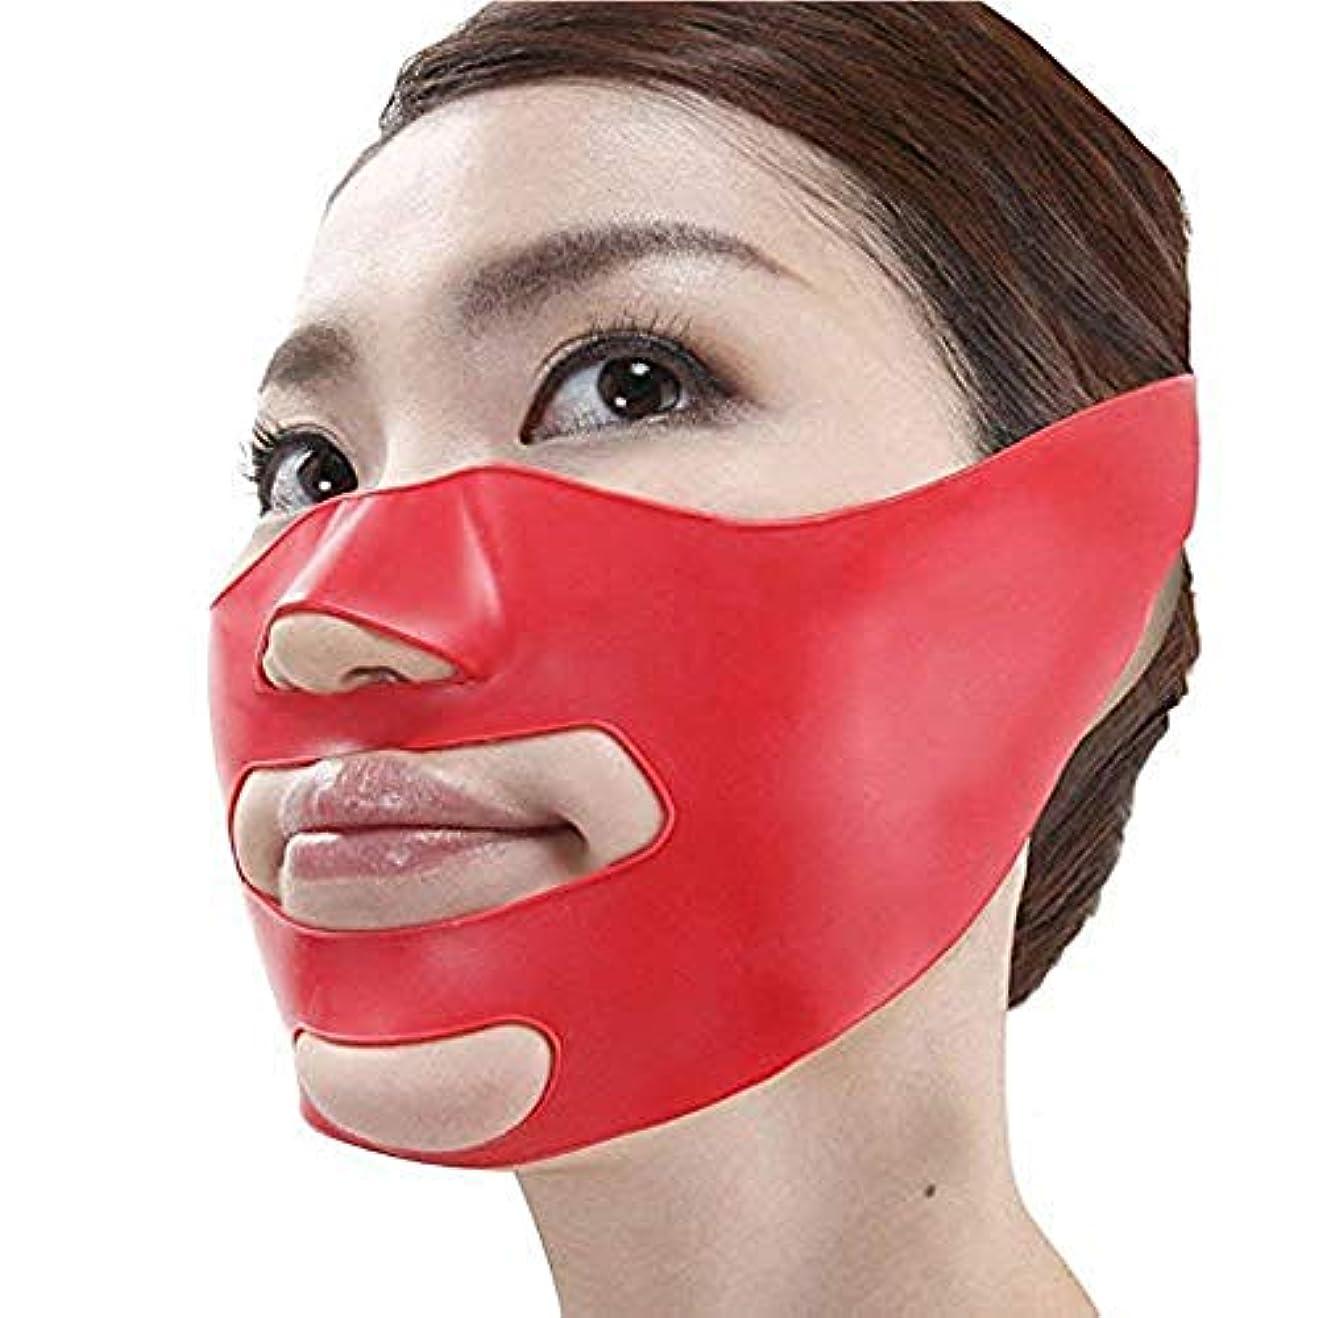 学期改修する収容するMilent 小顔矯正 マスク 小顔補正ベルト ほうれい線 リフトスリムマスク 3Dエクササイズマスク 法令線予防 抗シワ サウナマスク 美顔 フリーサイズ